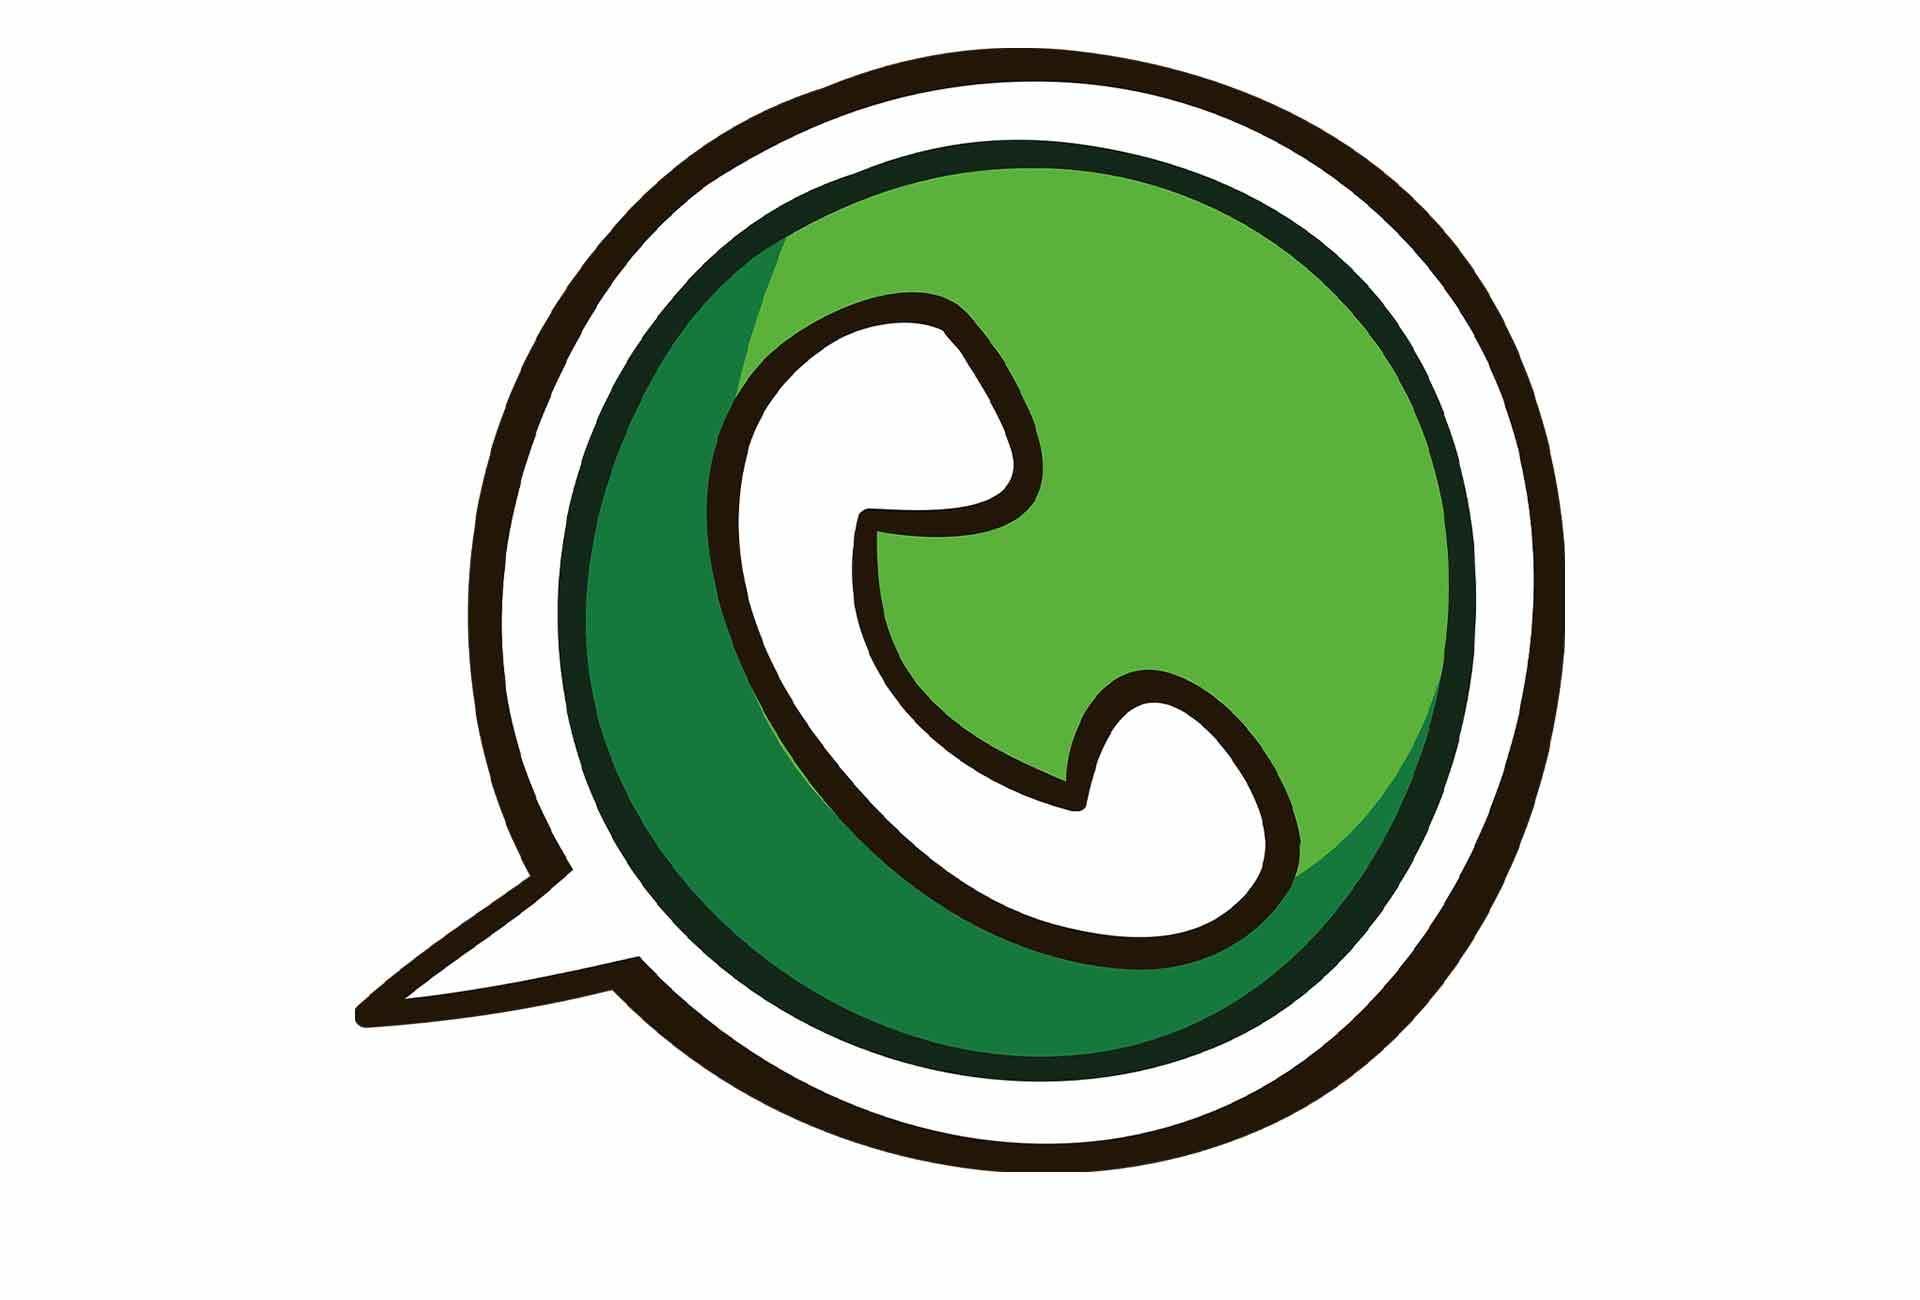 Süchtig nach Whatsapp!